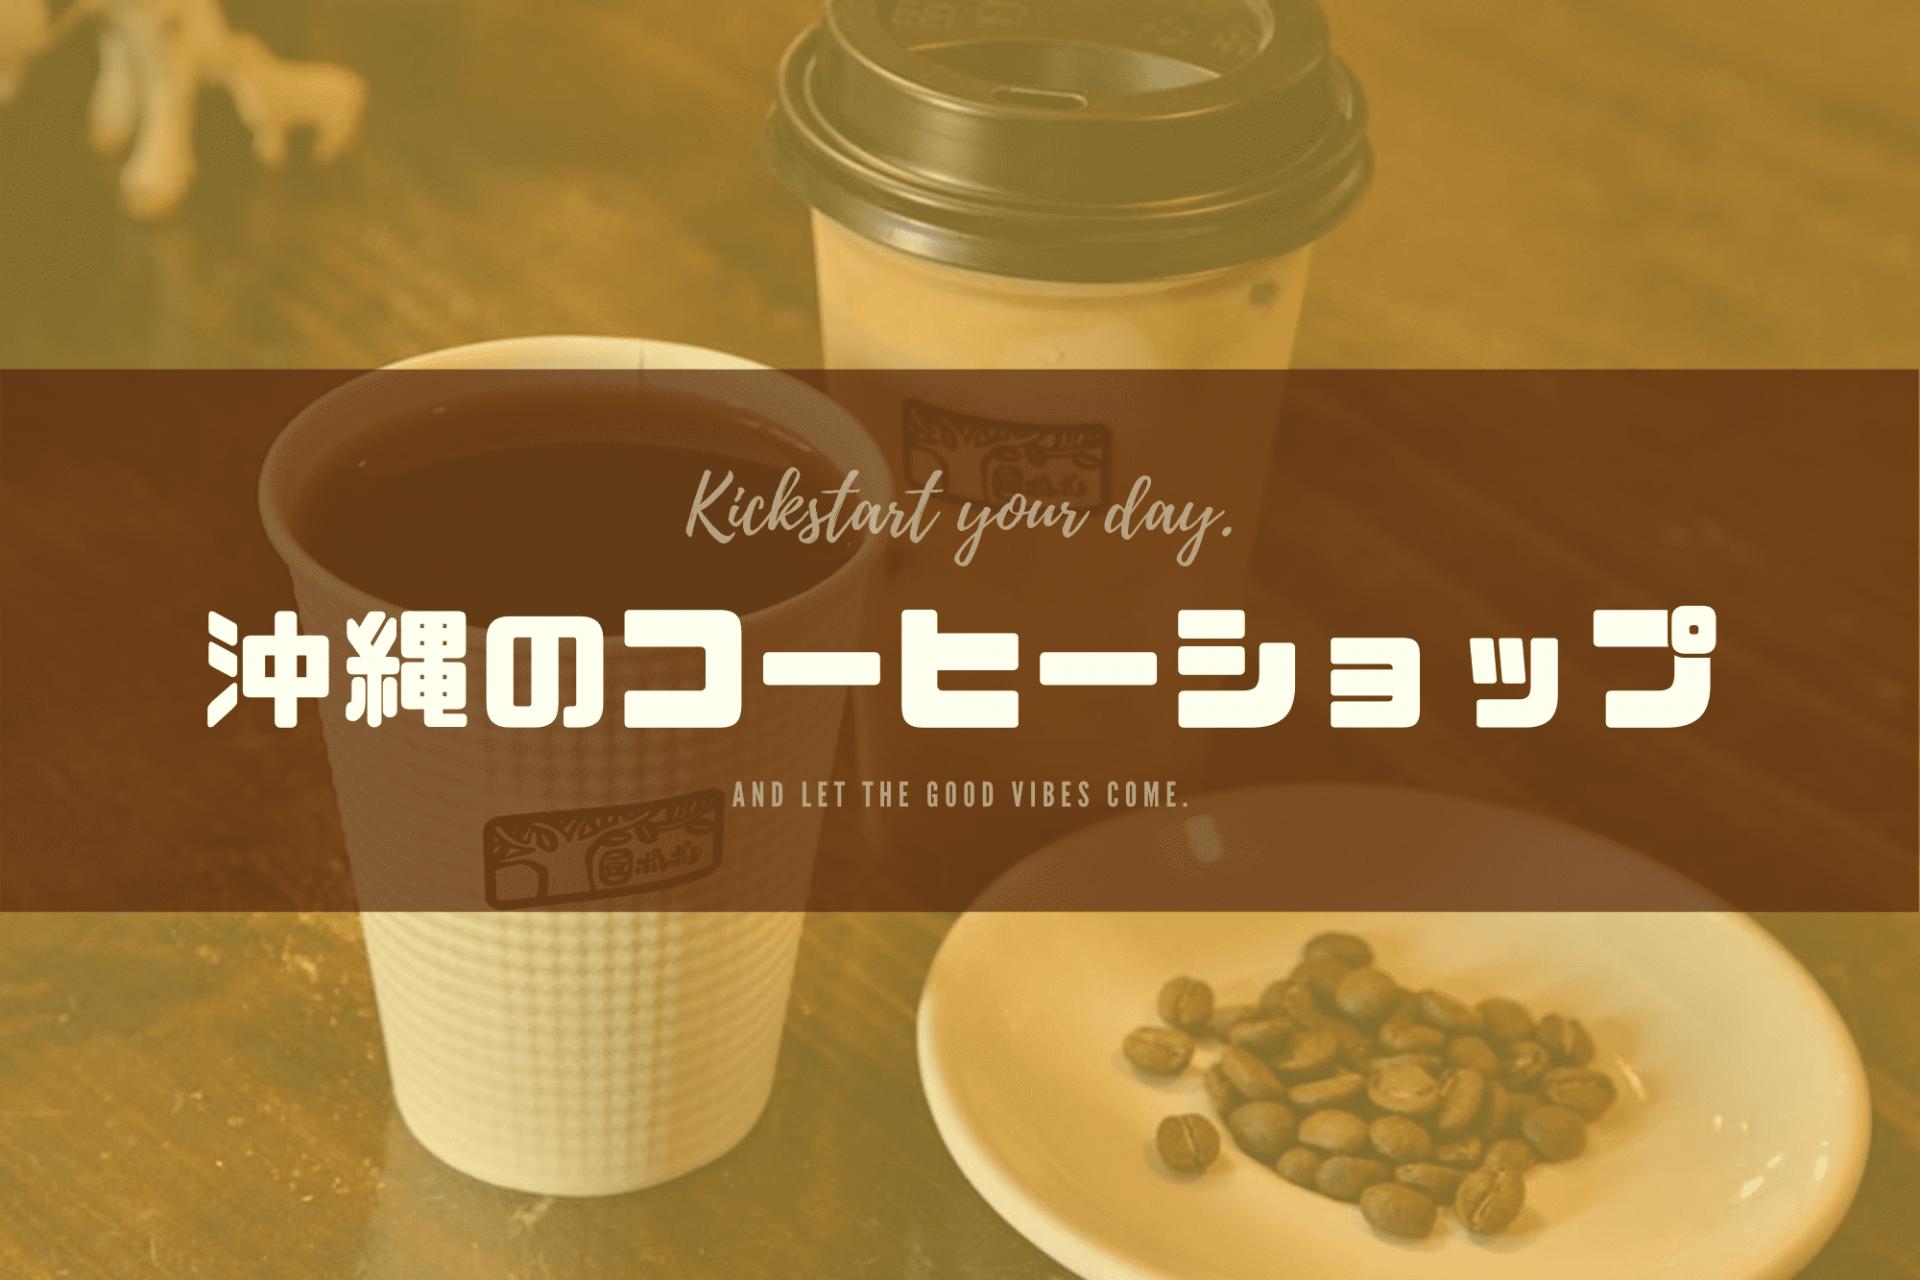 沖縄 コーヒー おすすめ